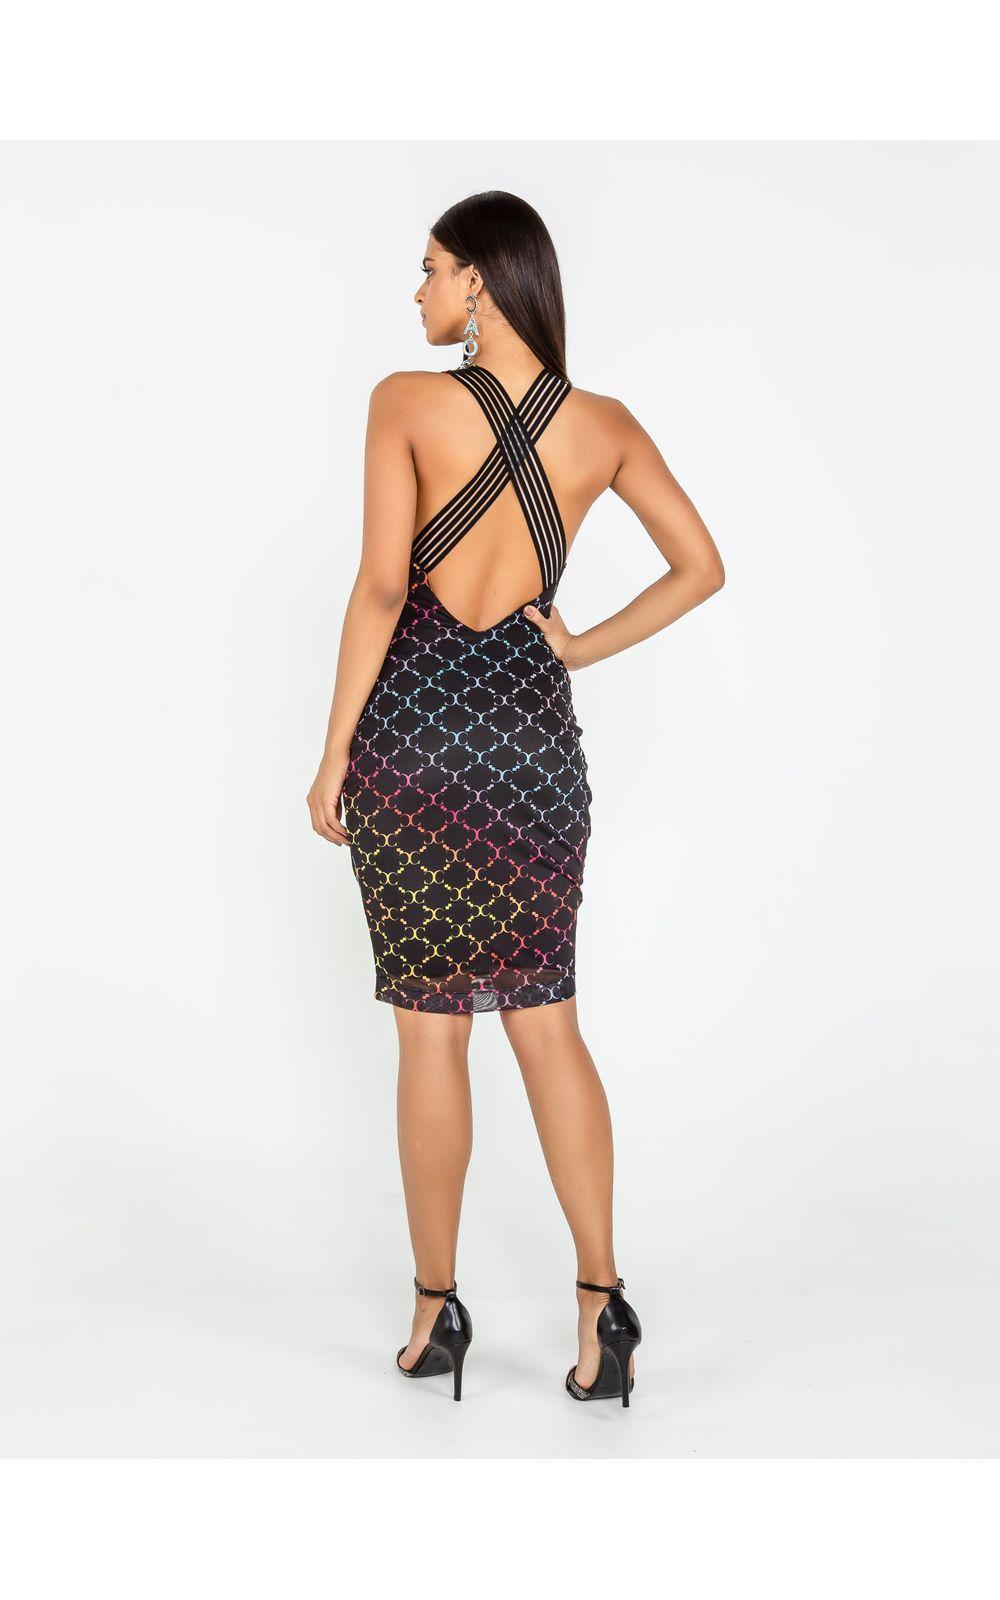 Foto 3 - Vestido Curto De Tule Com Elástico Cruzado Costas